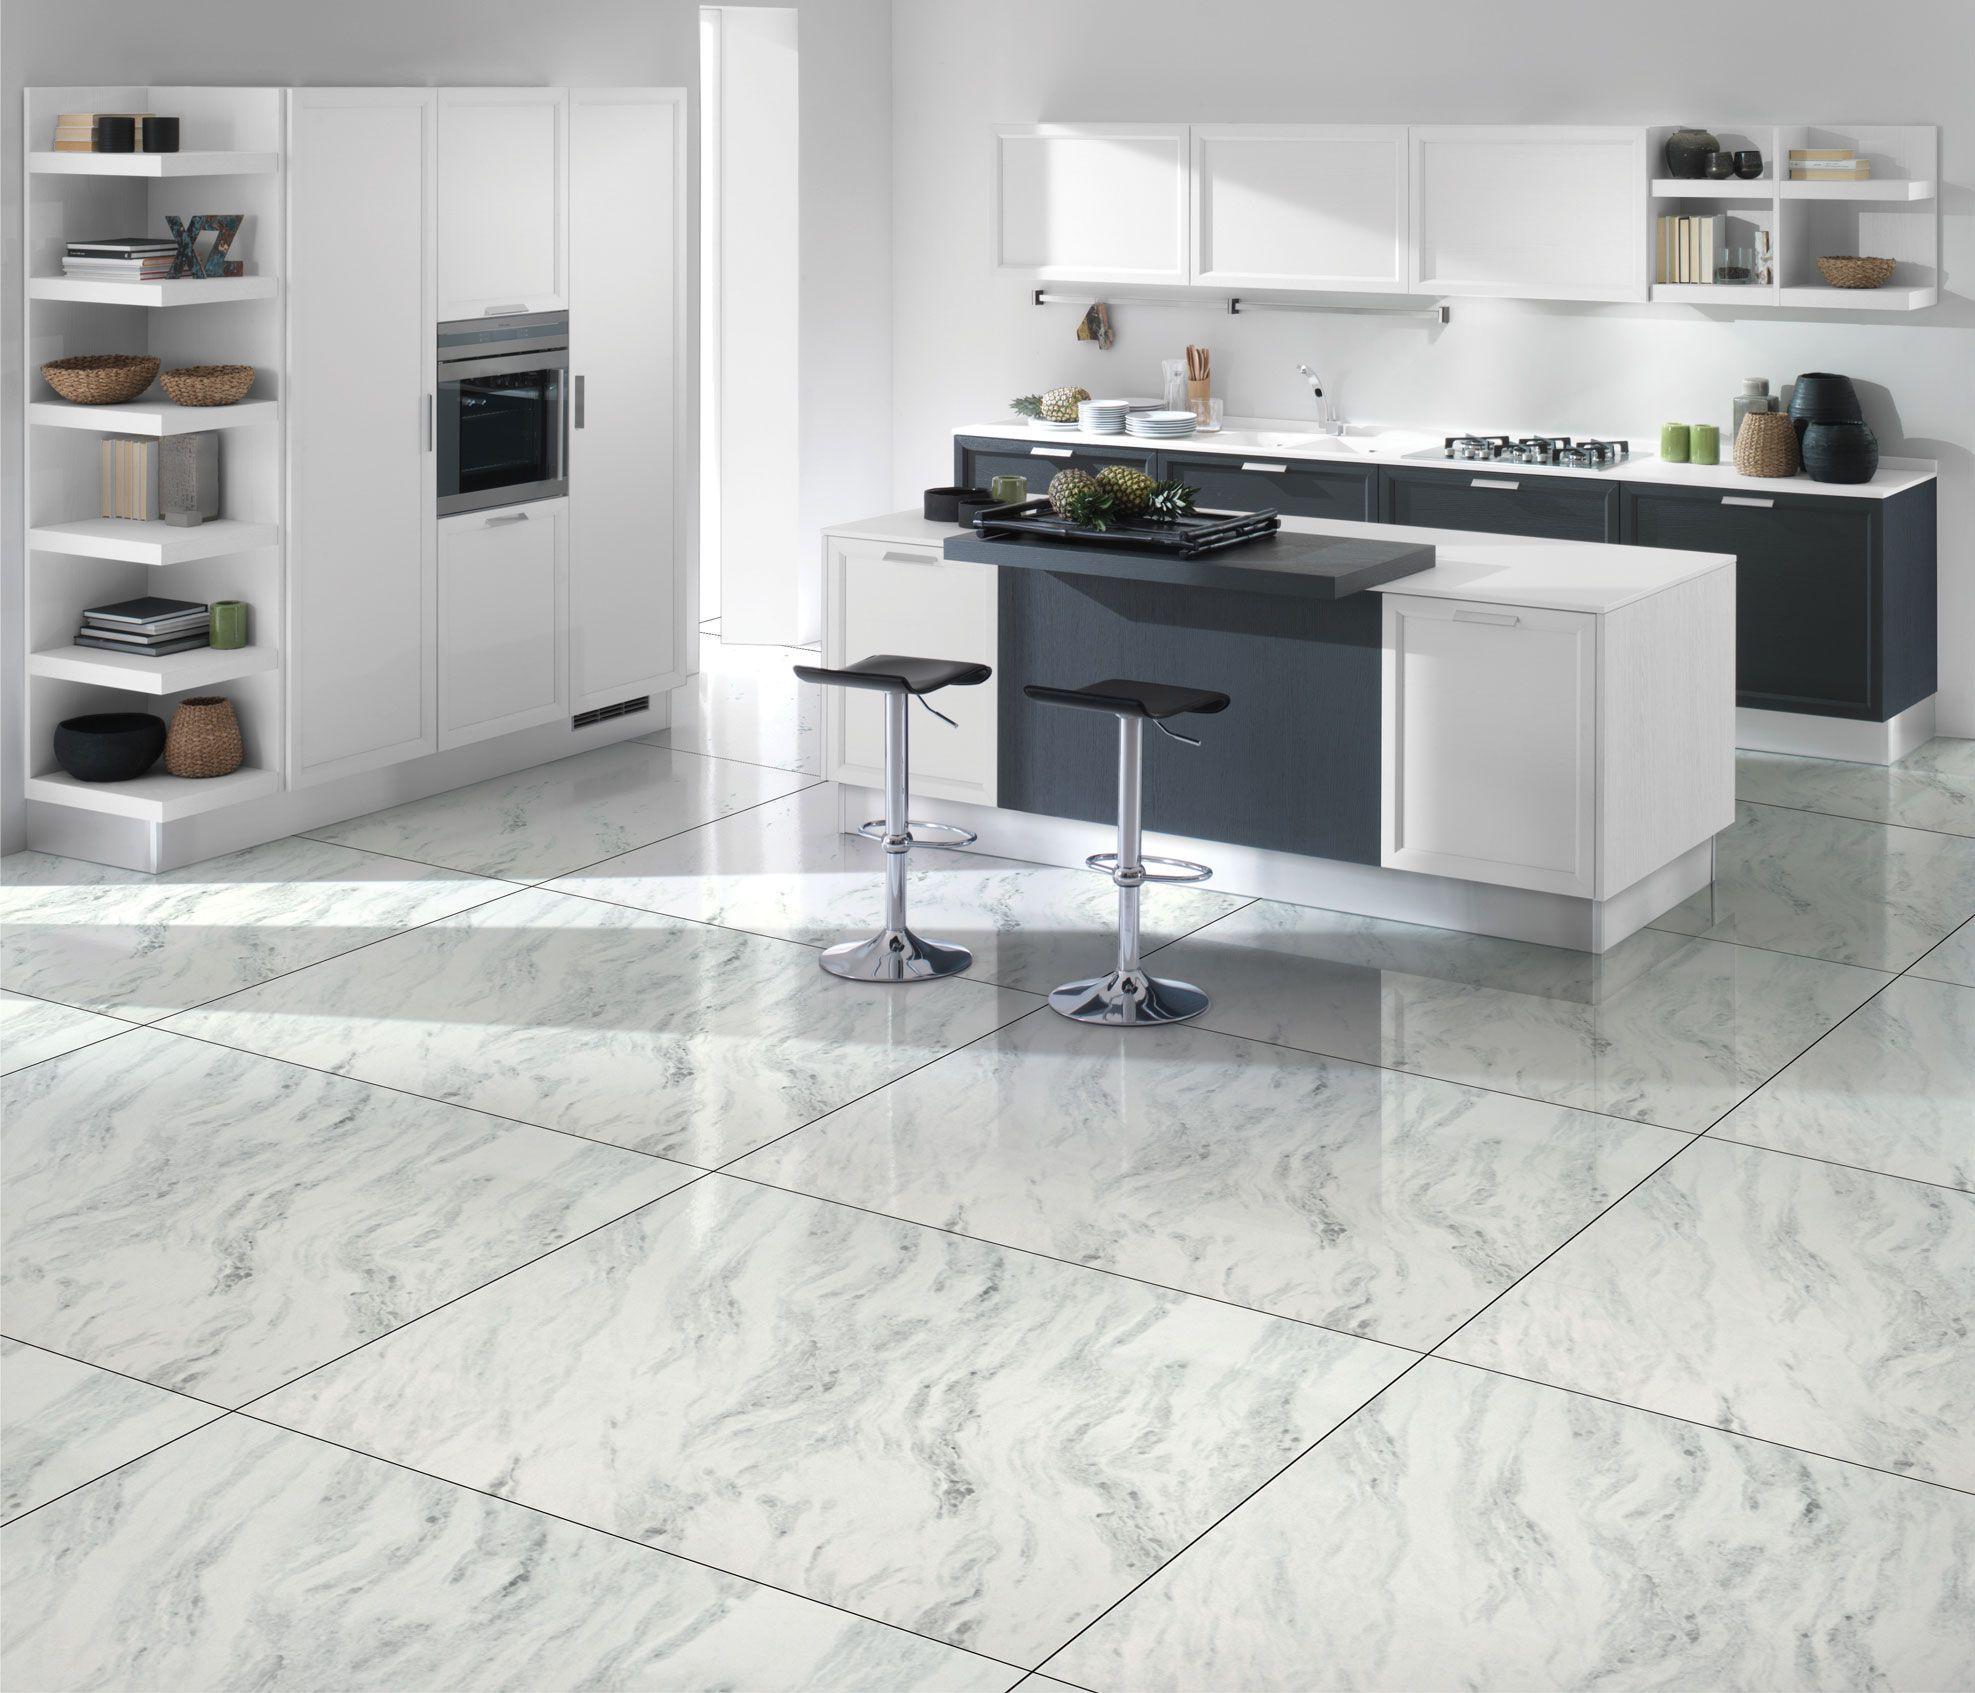 37 Luxury Tiles Bedroom Floor Sketch Decortez Living Room Tiles Tile Bedroom Living Room Floor Plans